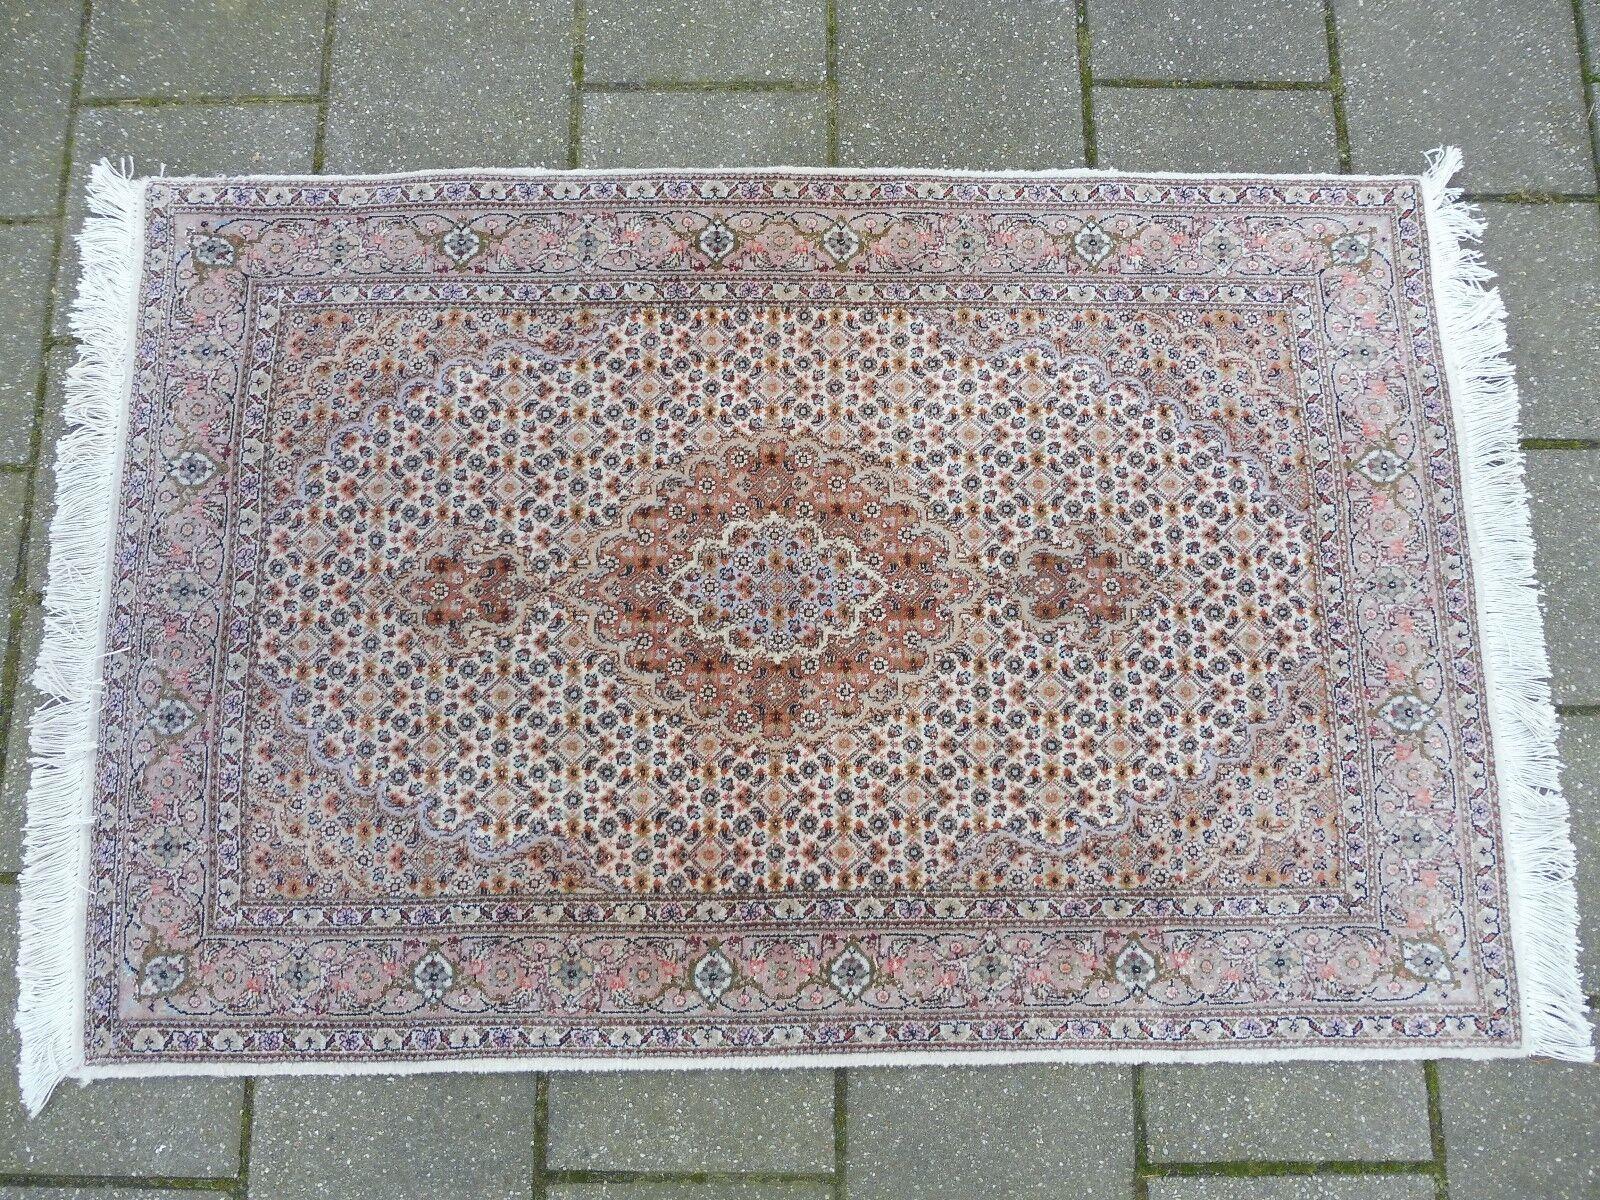 Beau, de haute qualité tapis oriental __ 125 125 125 cm x 82cm_ _ initialement 950 € _! | Matériaux De Qualité  6f3d77